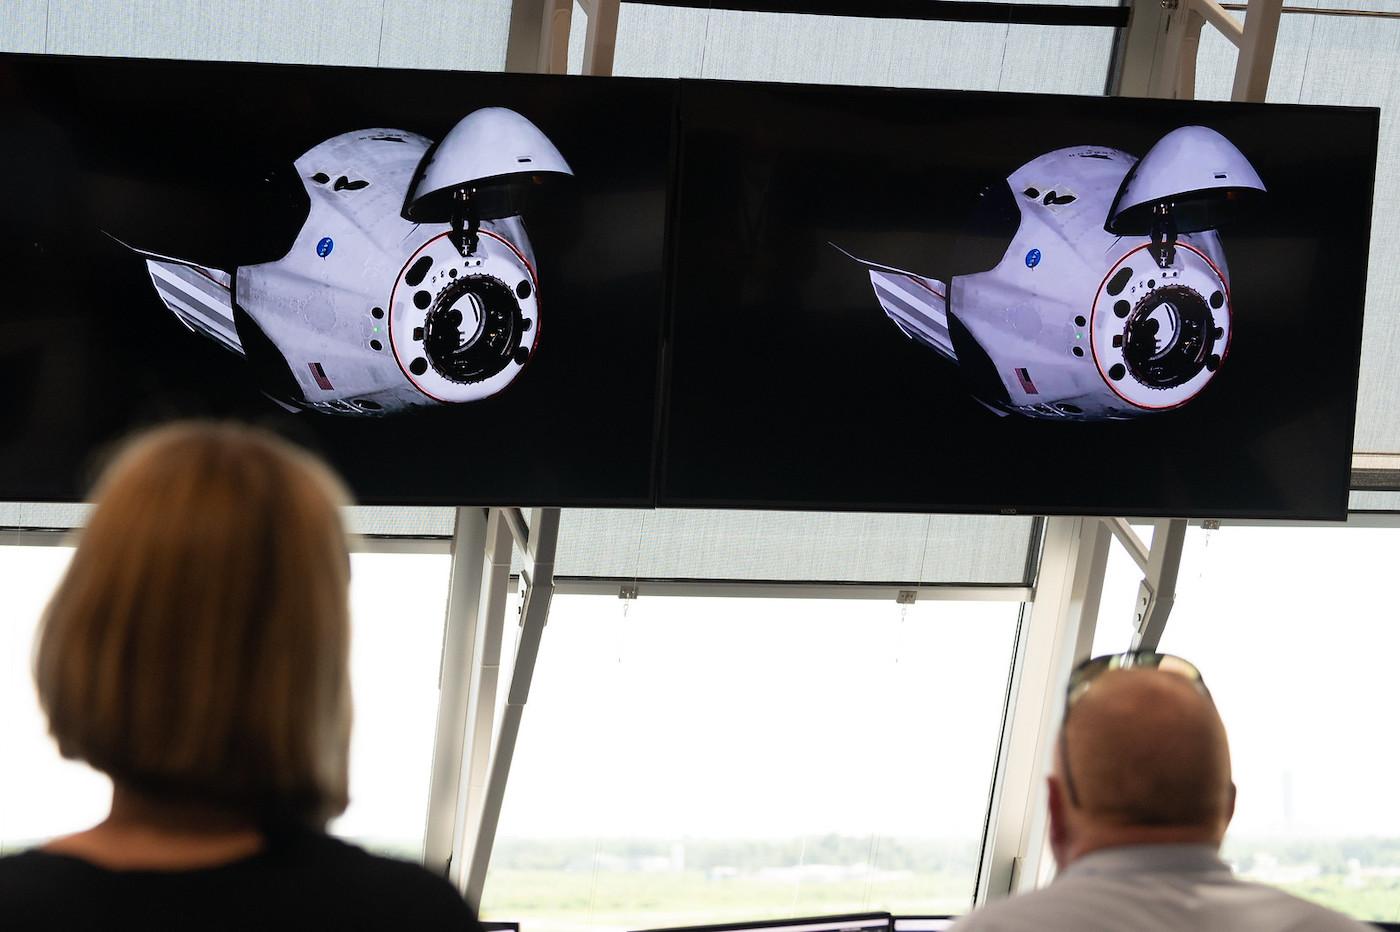 SpaceX : le succès de Crew Dragon n'est pas garanti, voici pourquoi